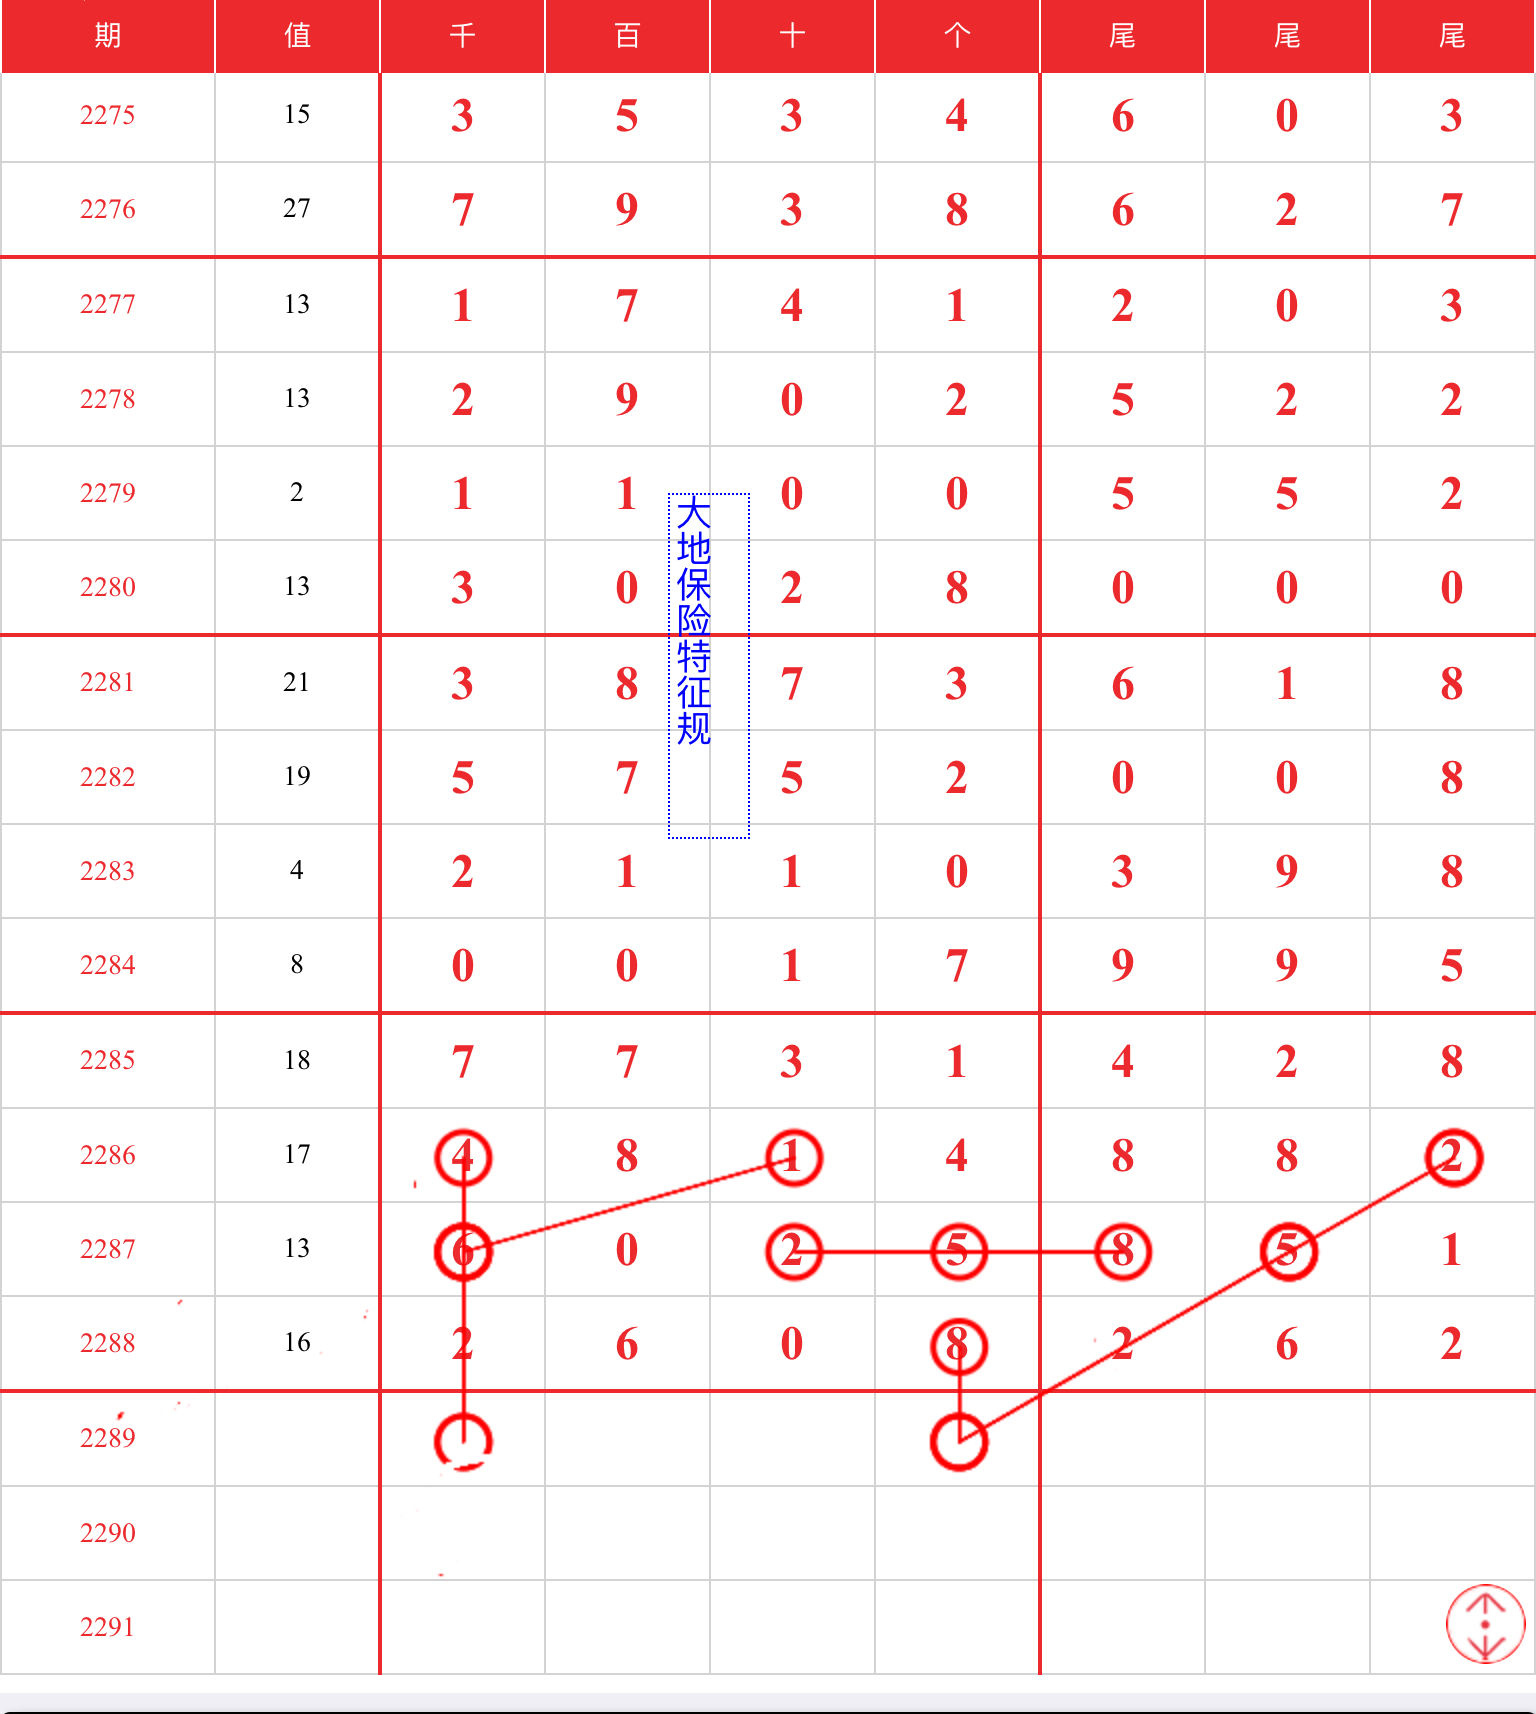 CC975994-139F-4C1E-A847-42C7739487EE.jpeg